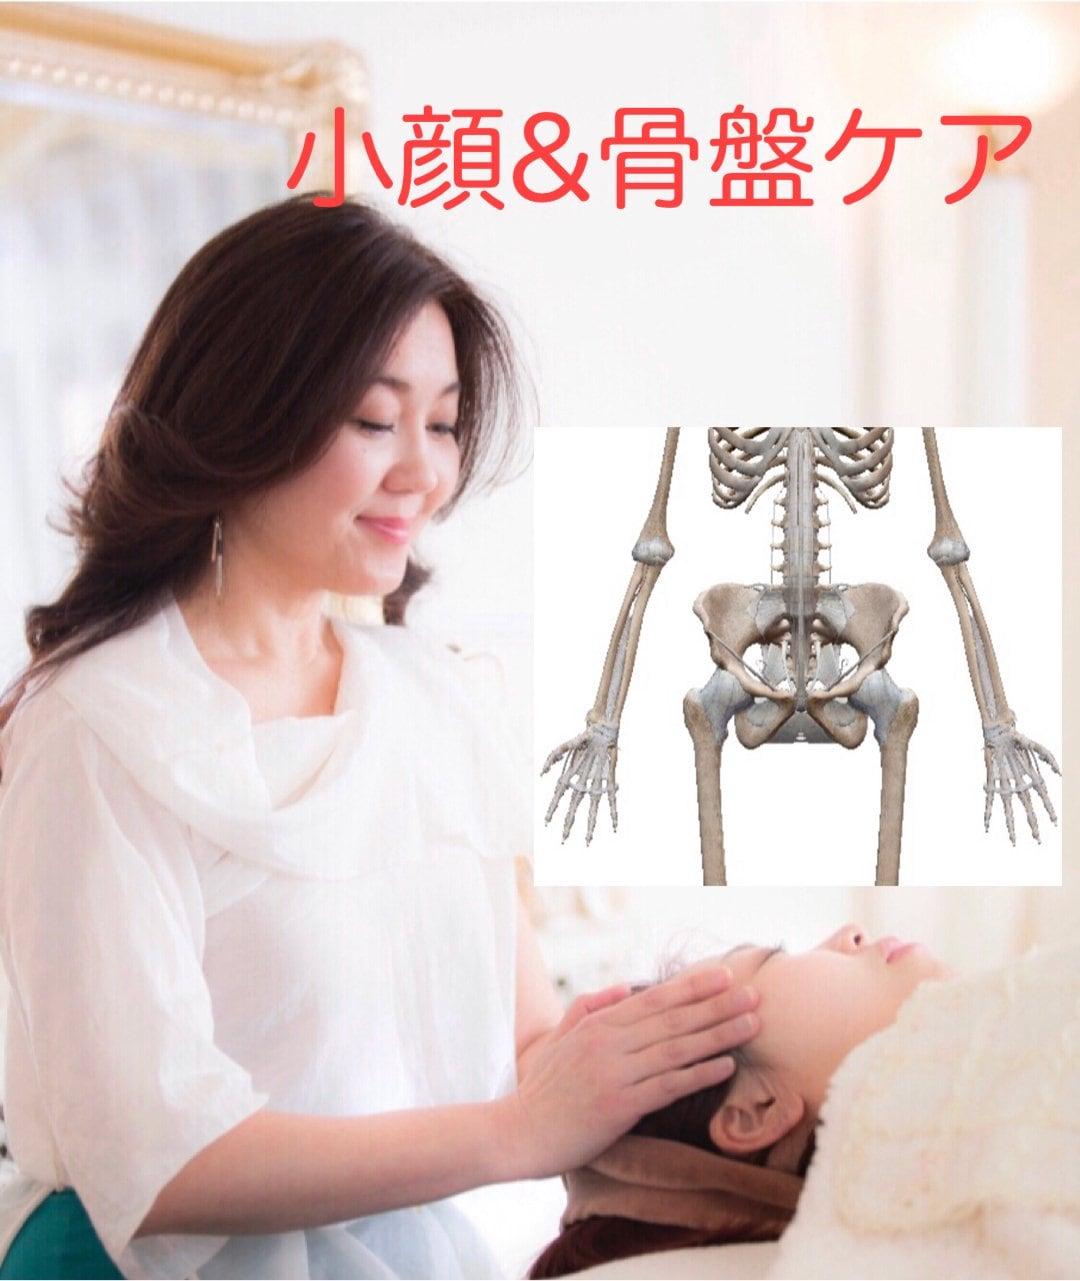 小顔と骨盤ケア40分 桜サローネ名古屋 碧南のイメージその1